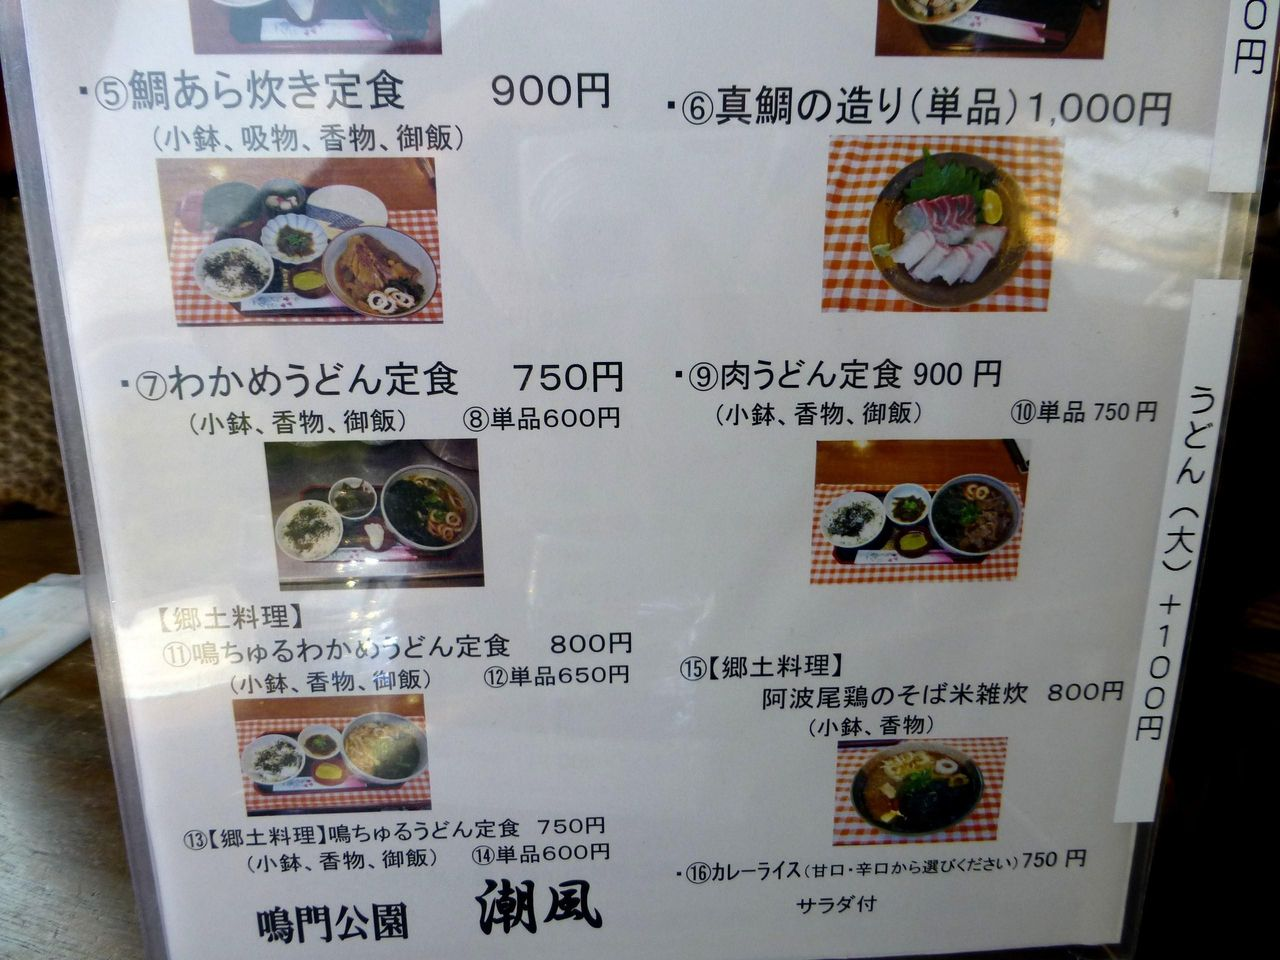 喫茶潮風のメニュー(25年2月現在)